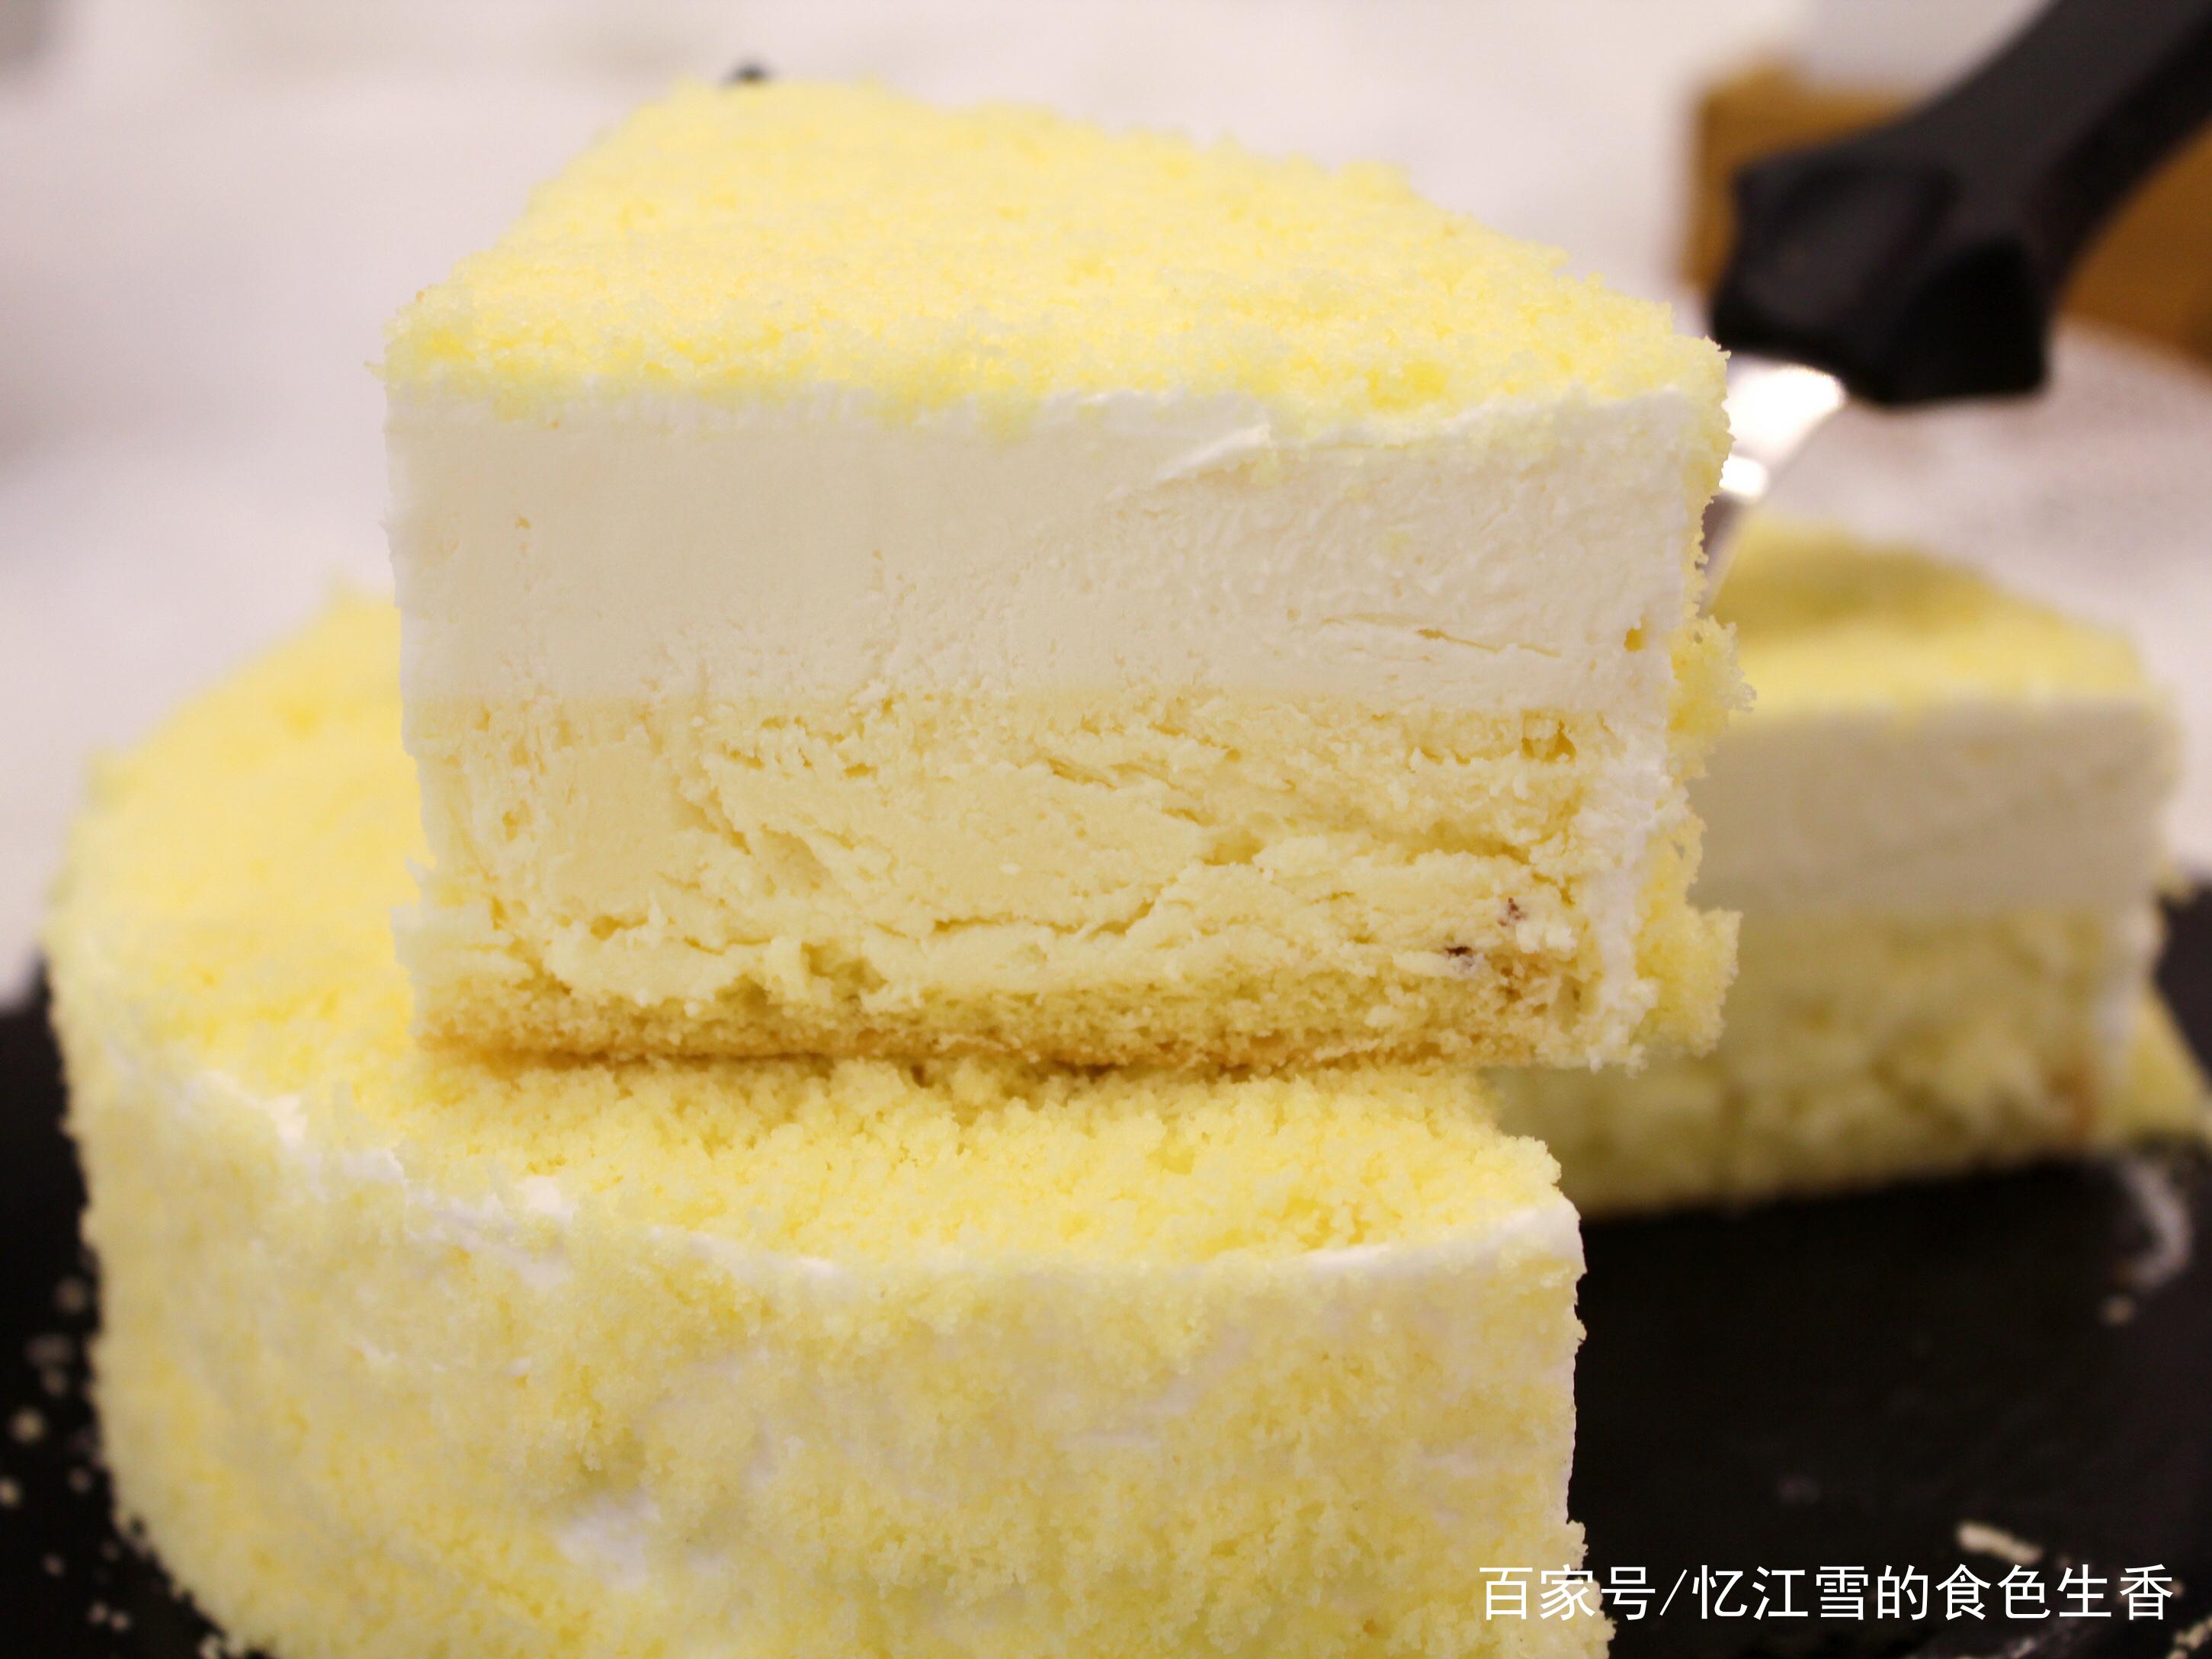 把奶油奶酪换成它,分分钟搞定双层芝士蛋糕,男朋友根本无法抵抗